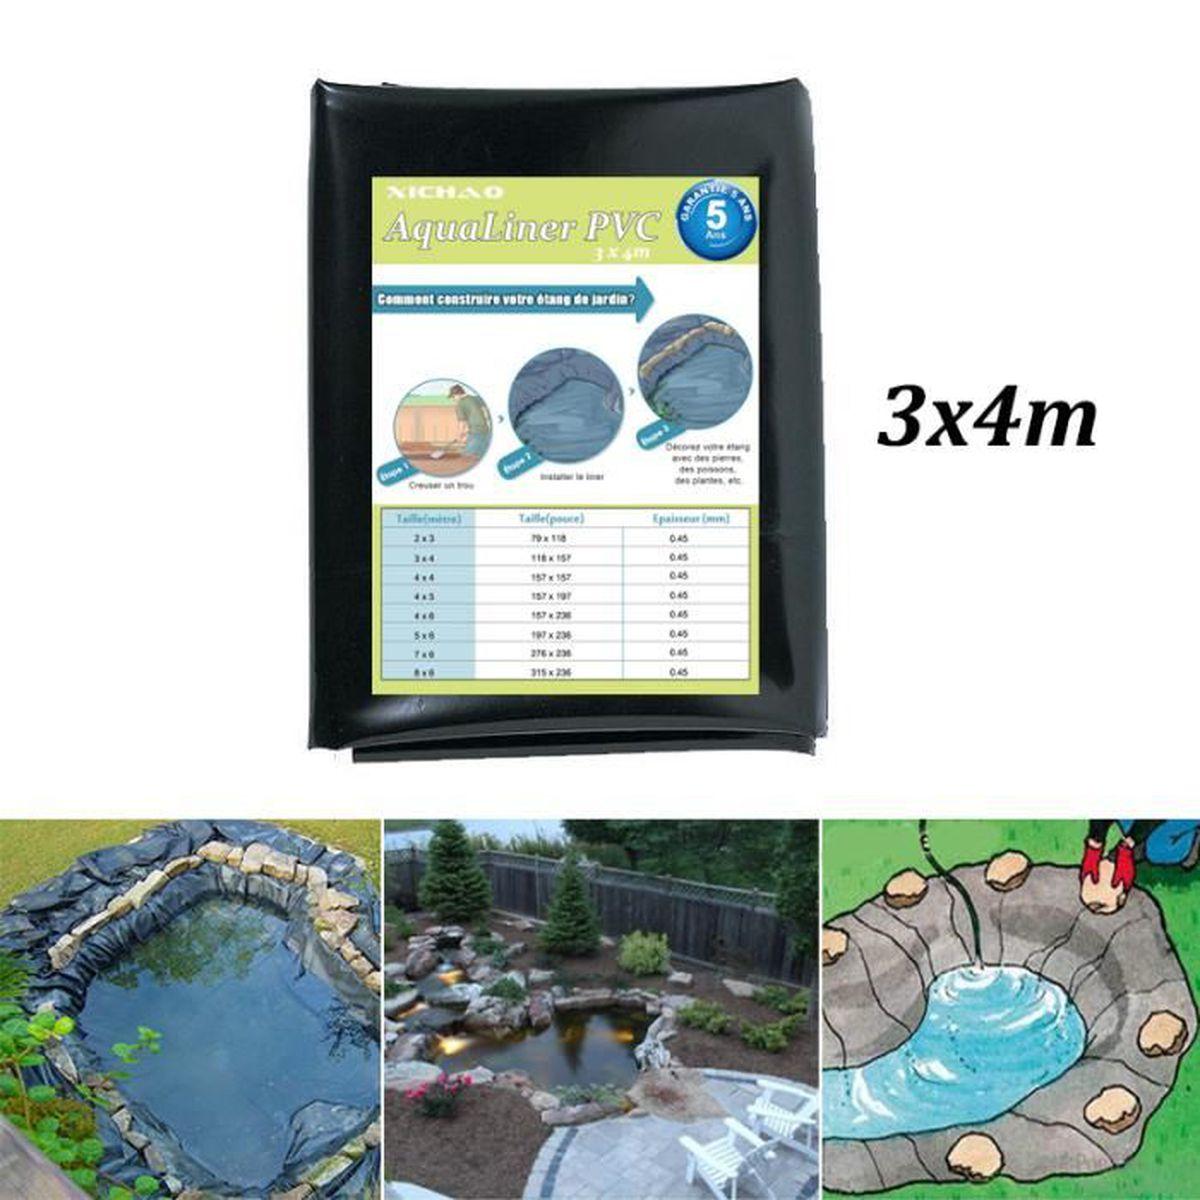 Comment Faire Un Etang Avec Une Bache 4m x 3m bâche bassin anti-infiltration en pvc pour